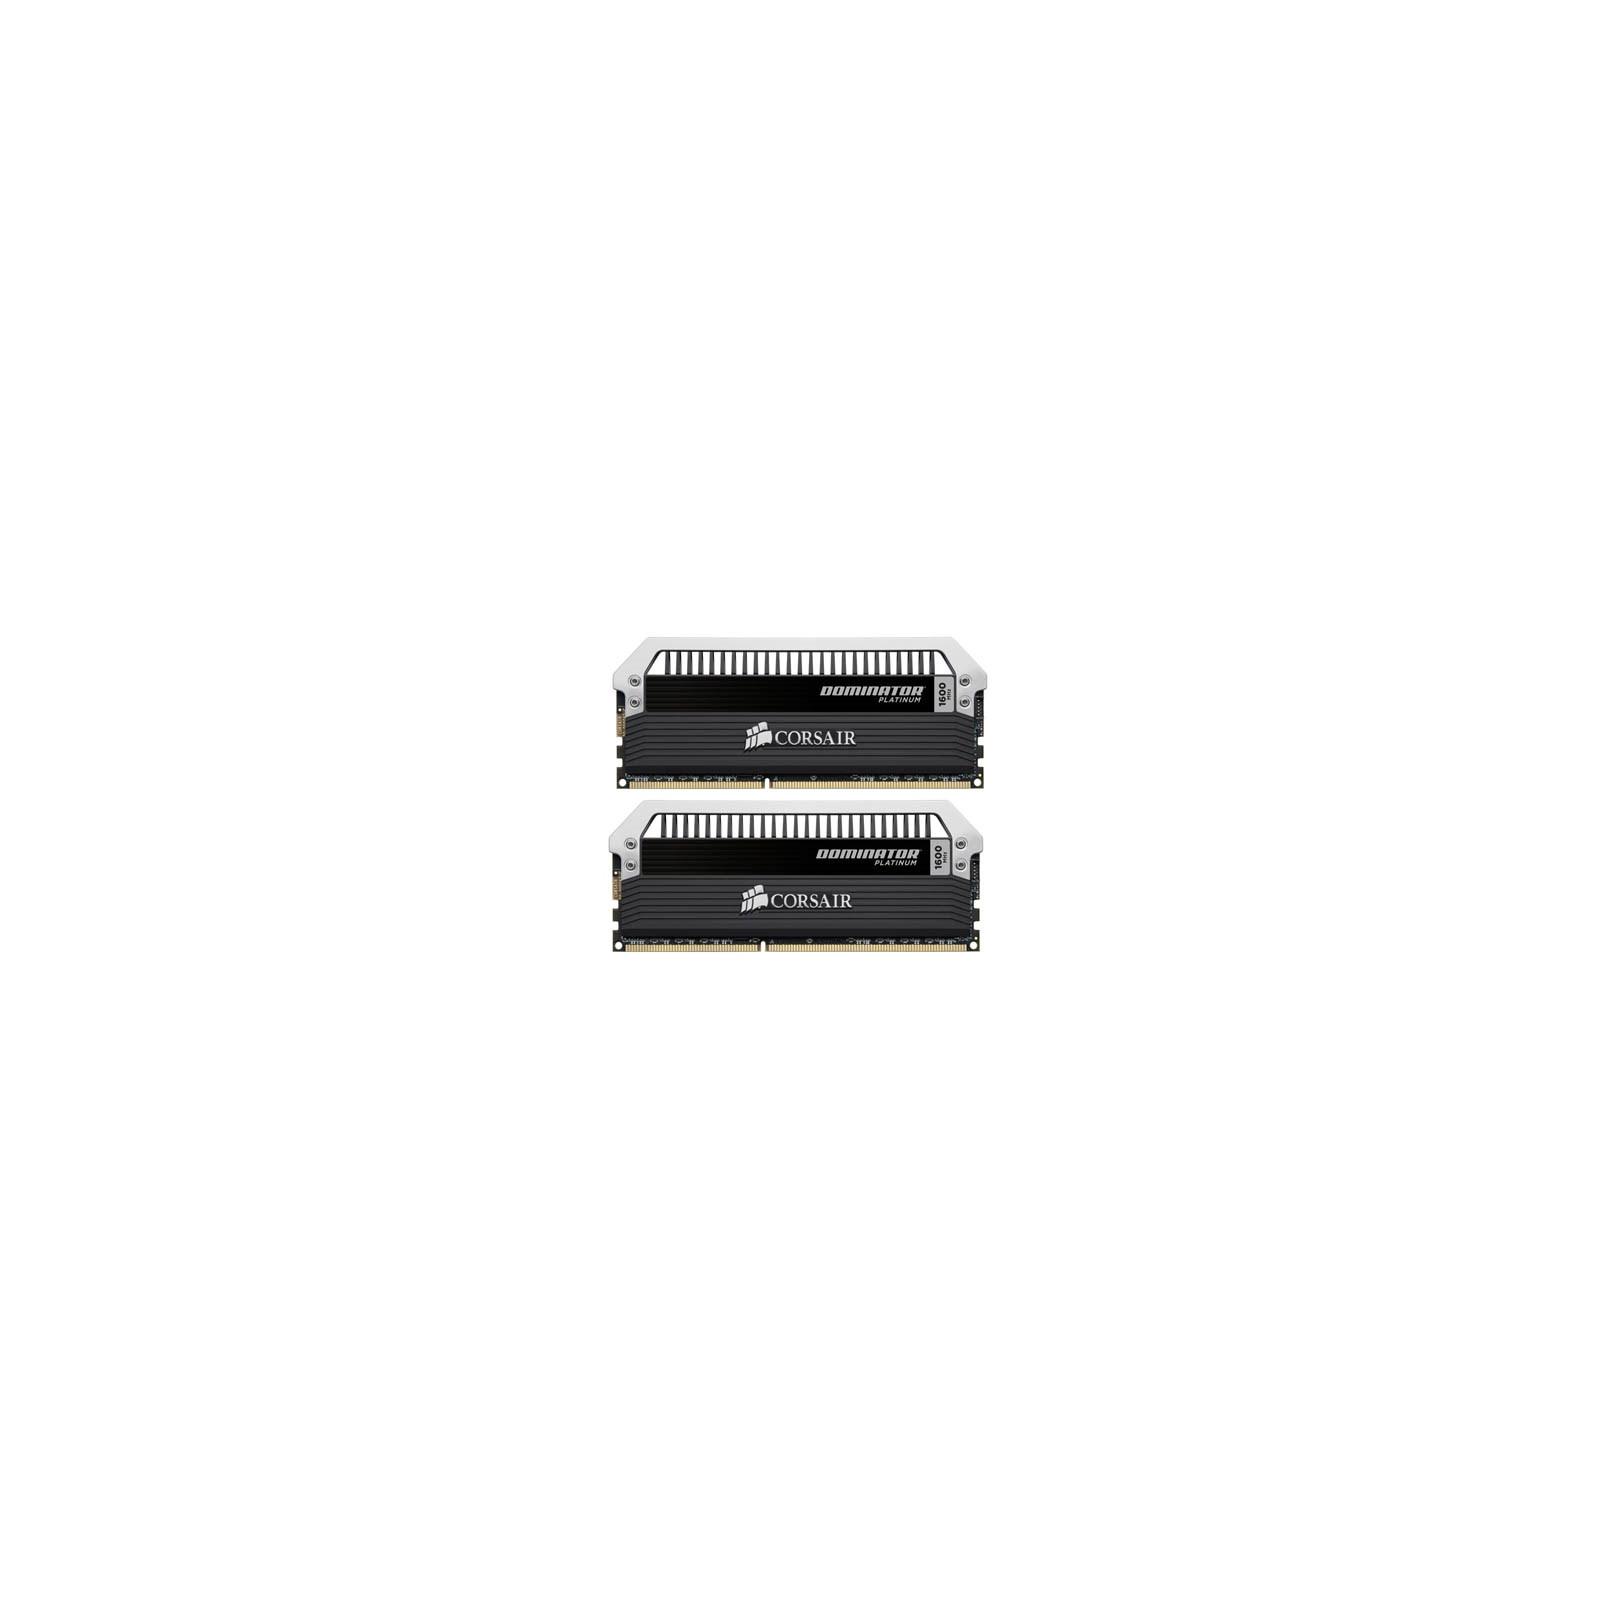 Модуль памяти для компьютера DDR3 16GB (2x8GB) 1600 MHz CORSAIR (CMD16GX3M2A1600C9)